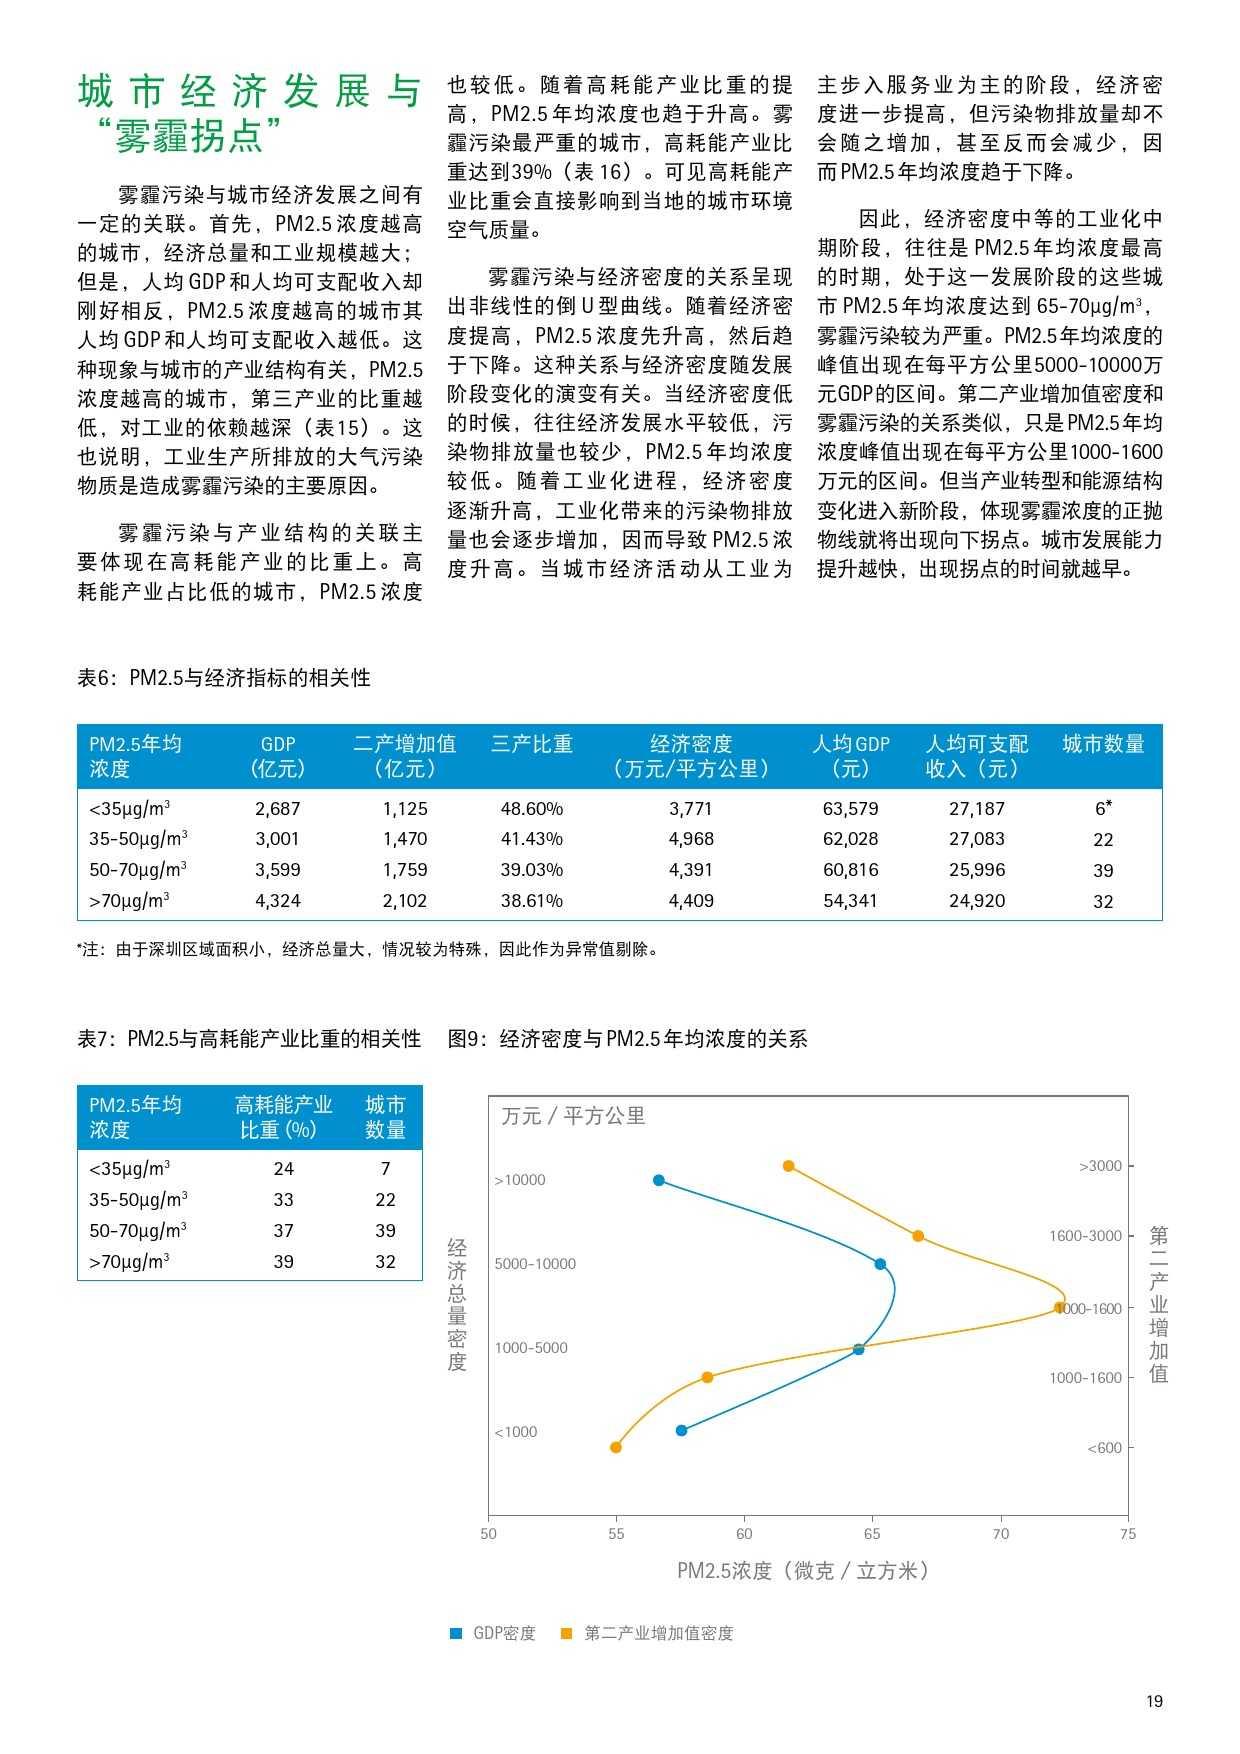 埃森哲&中科院:2015年新资源经济城市指数_000019